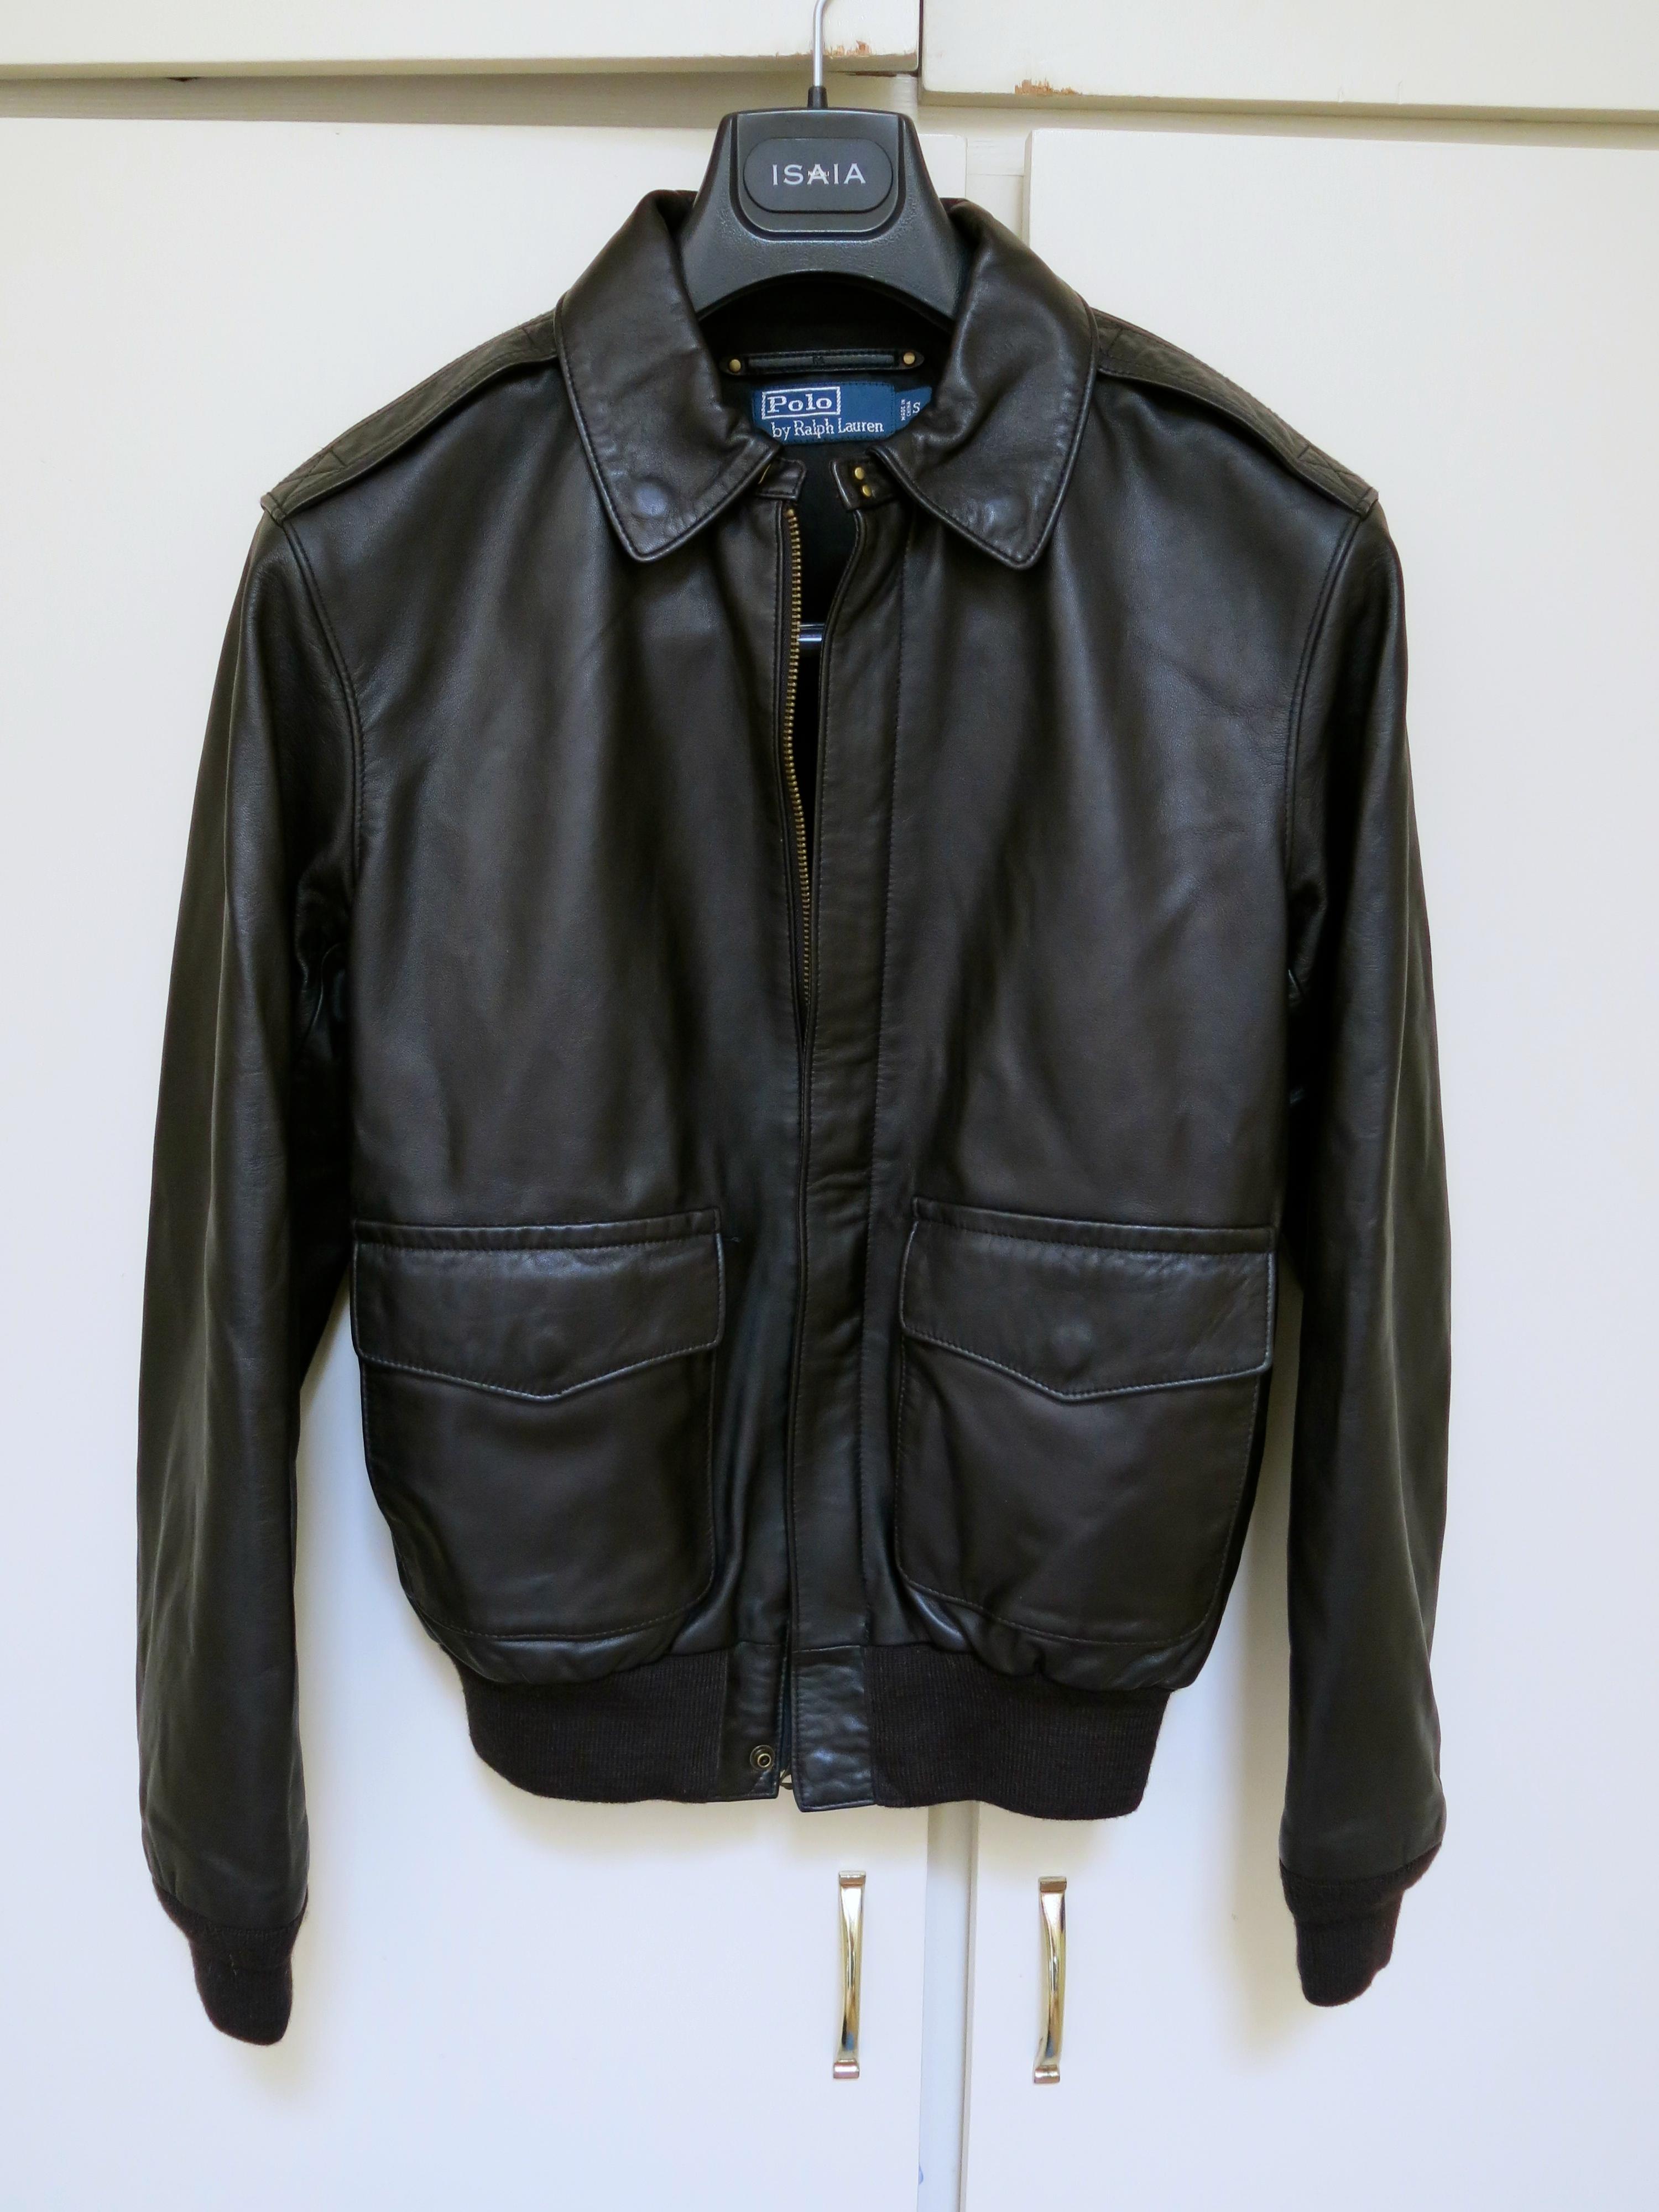 wie man kauft zum halben Preis preisreduziert 5/13 Price Drop! - NWT 2015 Polo Ralph Lauren Solid Black ...